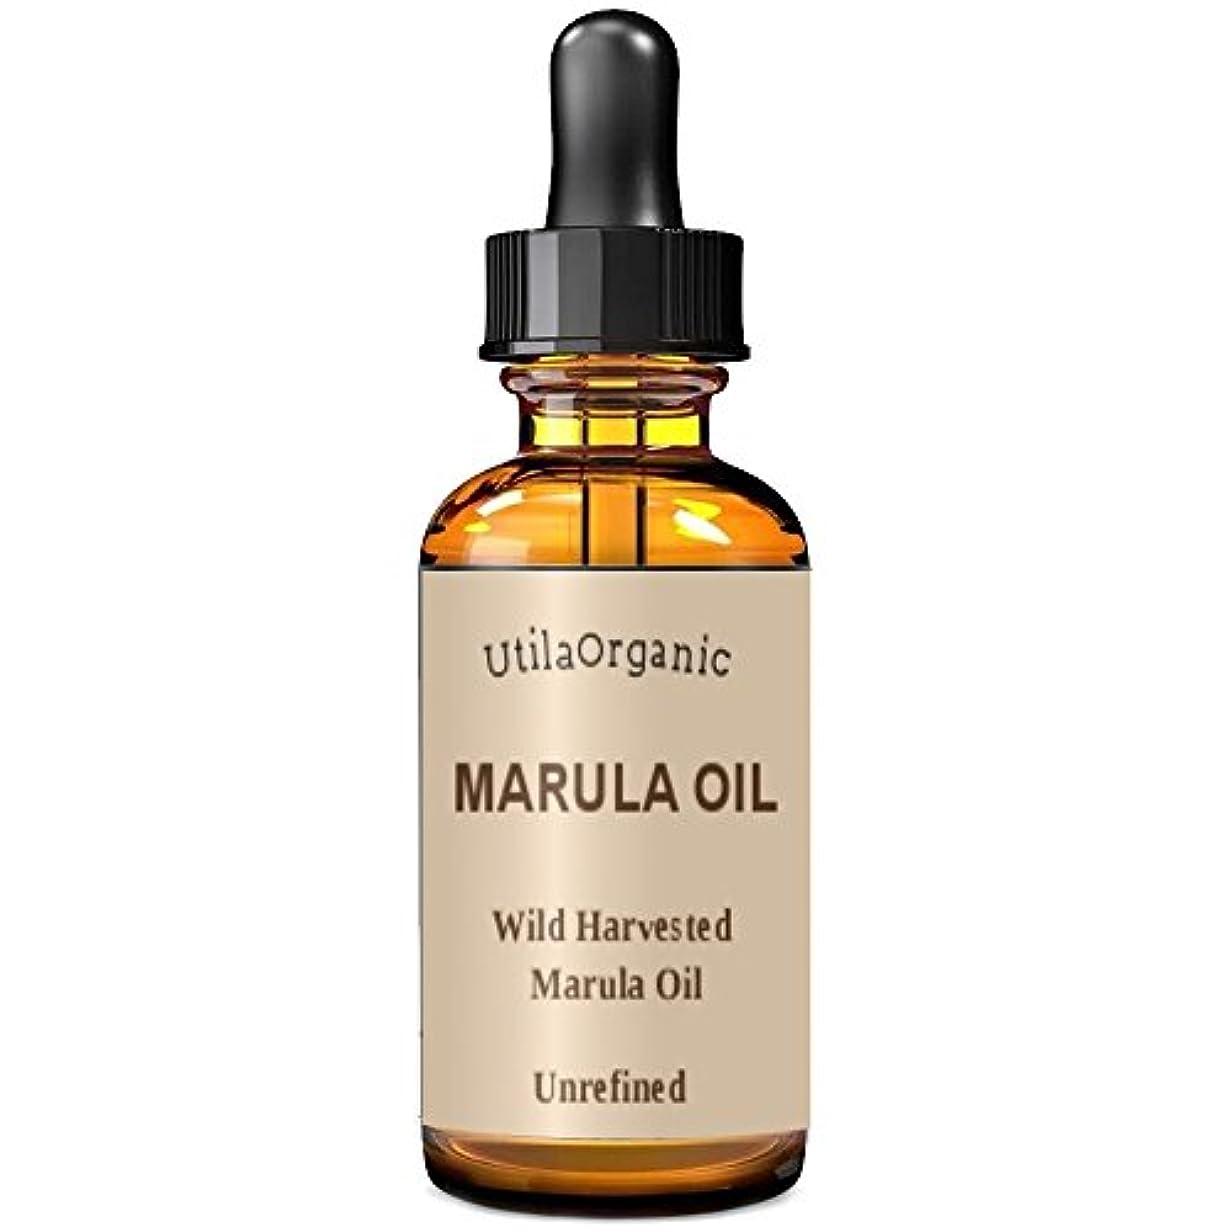 再撮り傾向がある父方の未精製 マルラオイル 60ml Marula Oil 100% pure and natural 【並行輸入品】